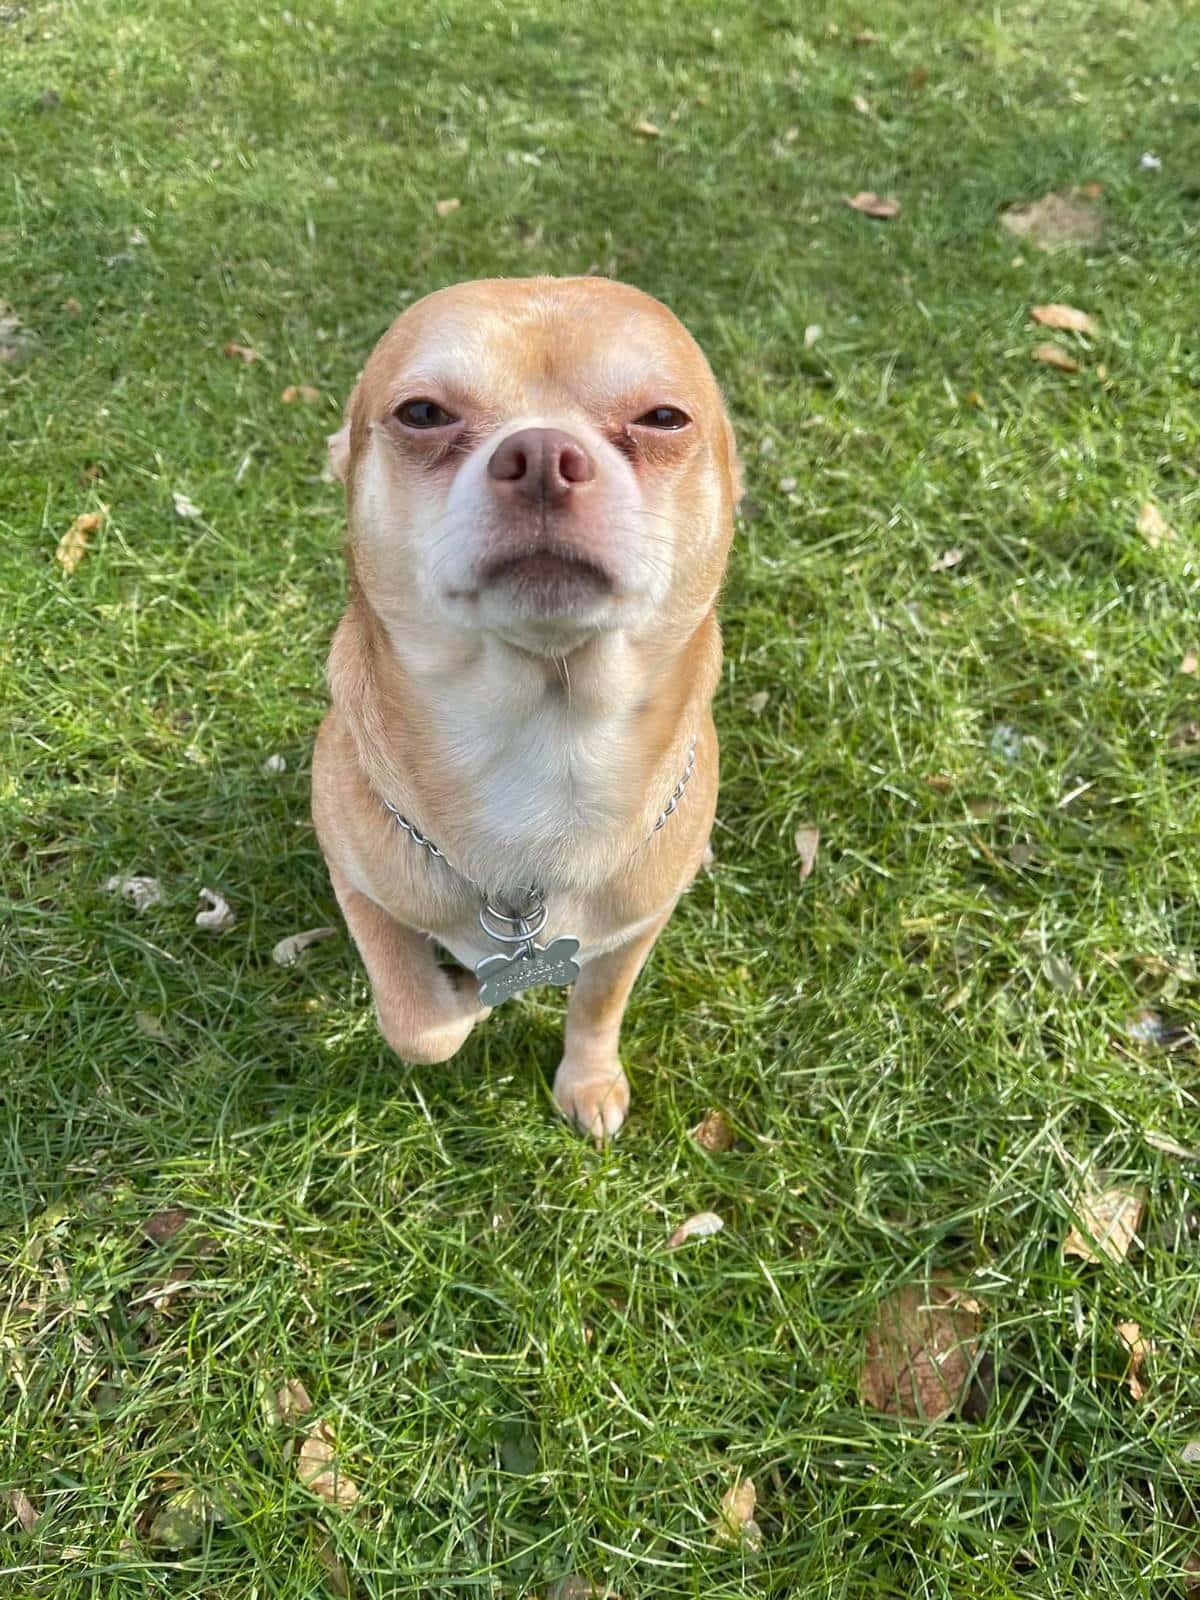 Кукла Чаки в теле собаки: бездомному псу написали такое честное резюме, что люди влюбились и хотят его себе